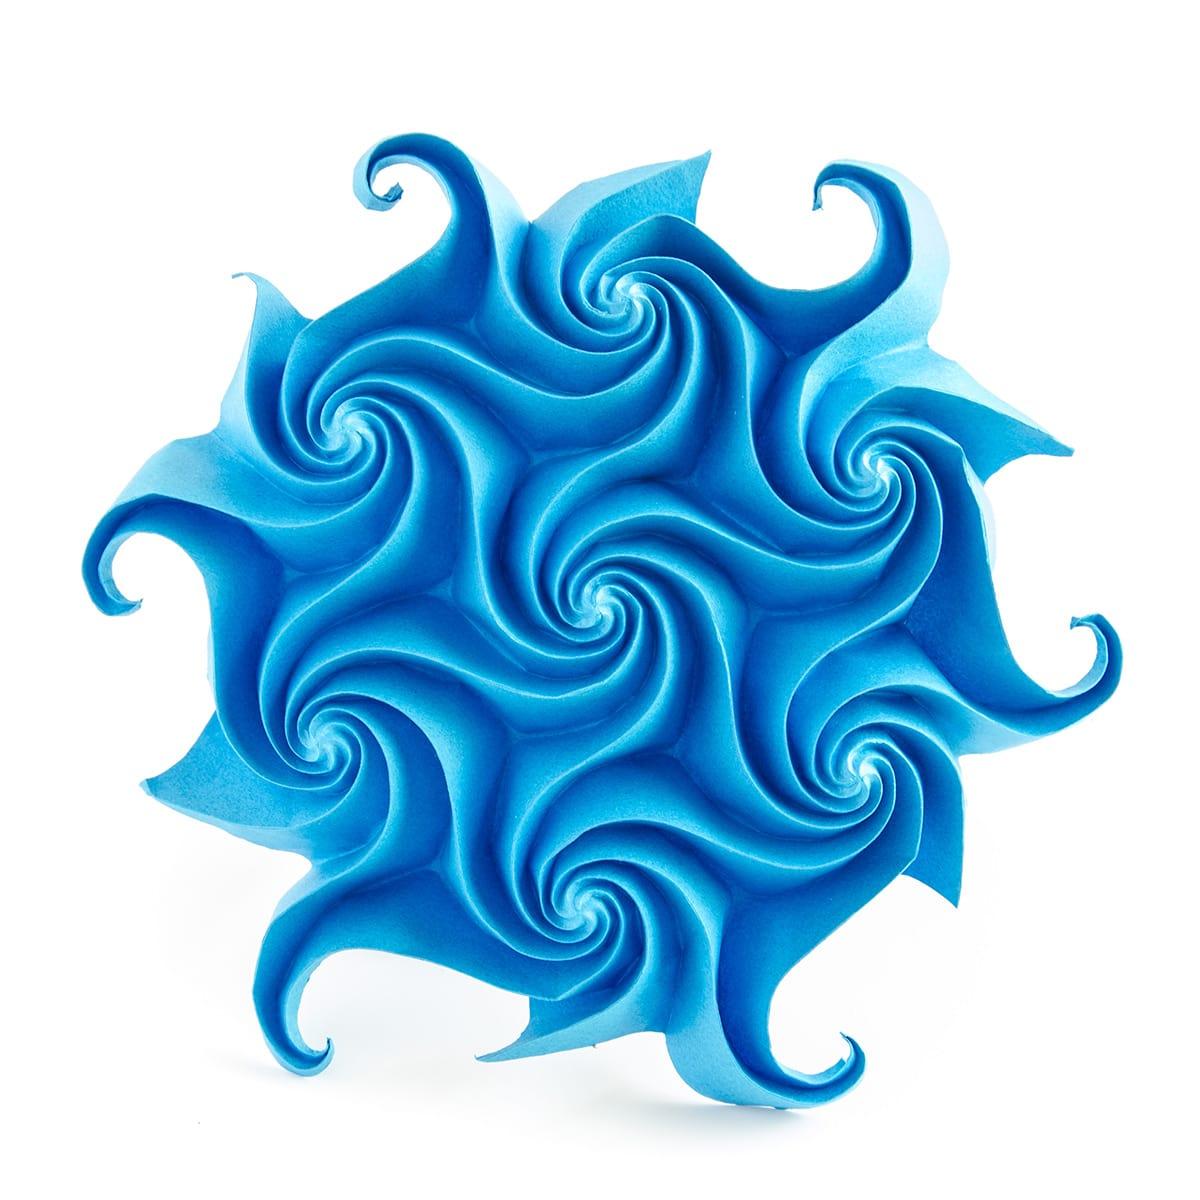 Spiral Tessellation